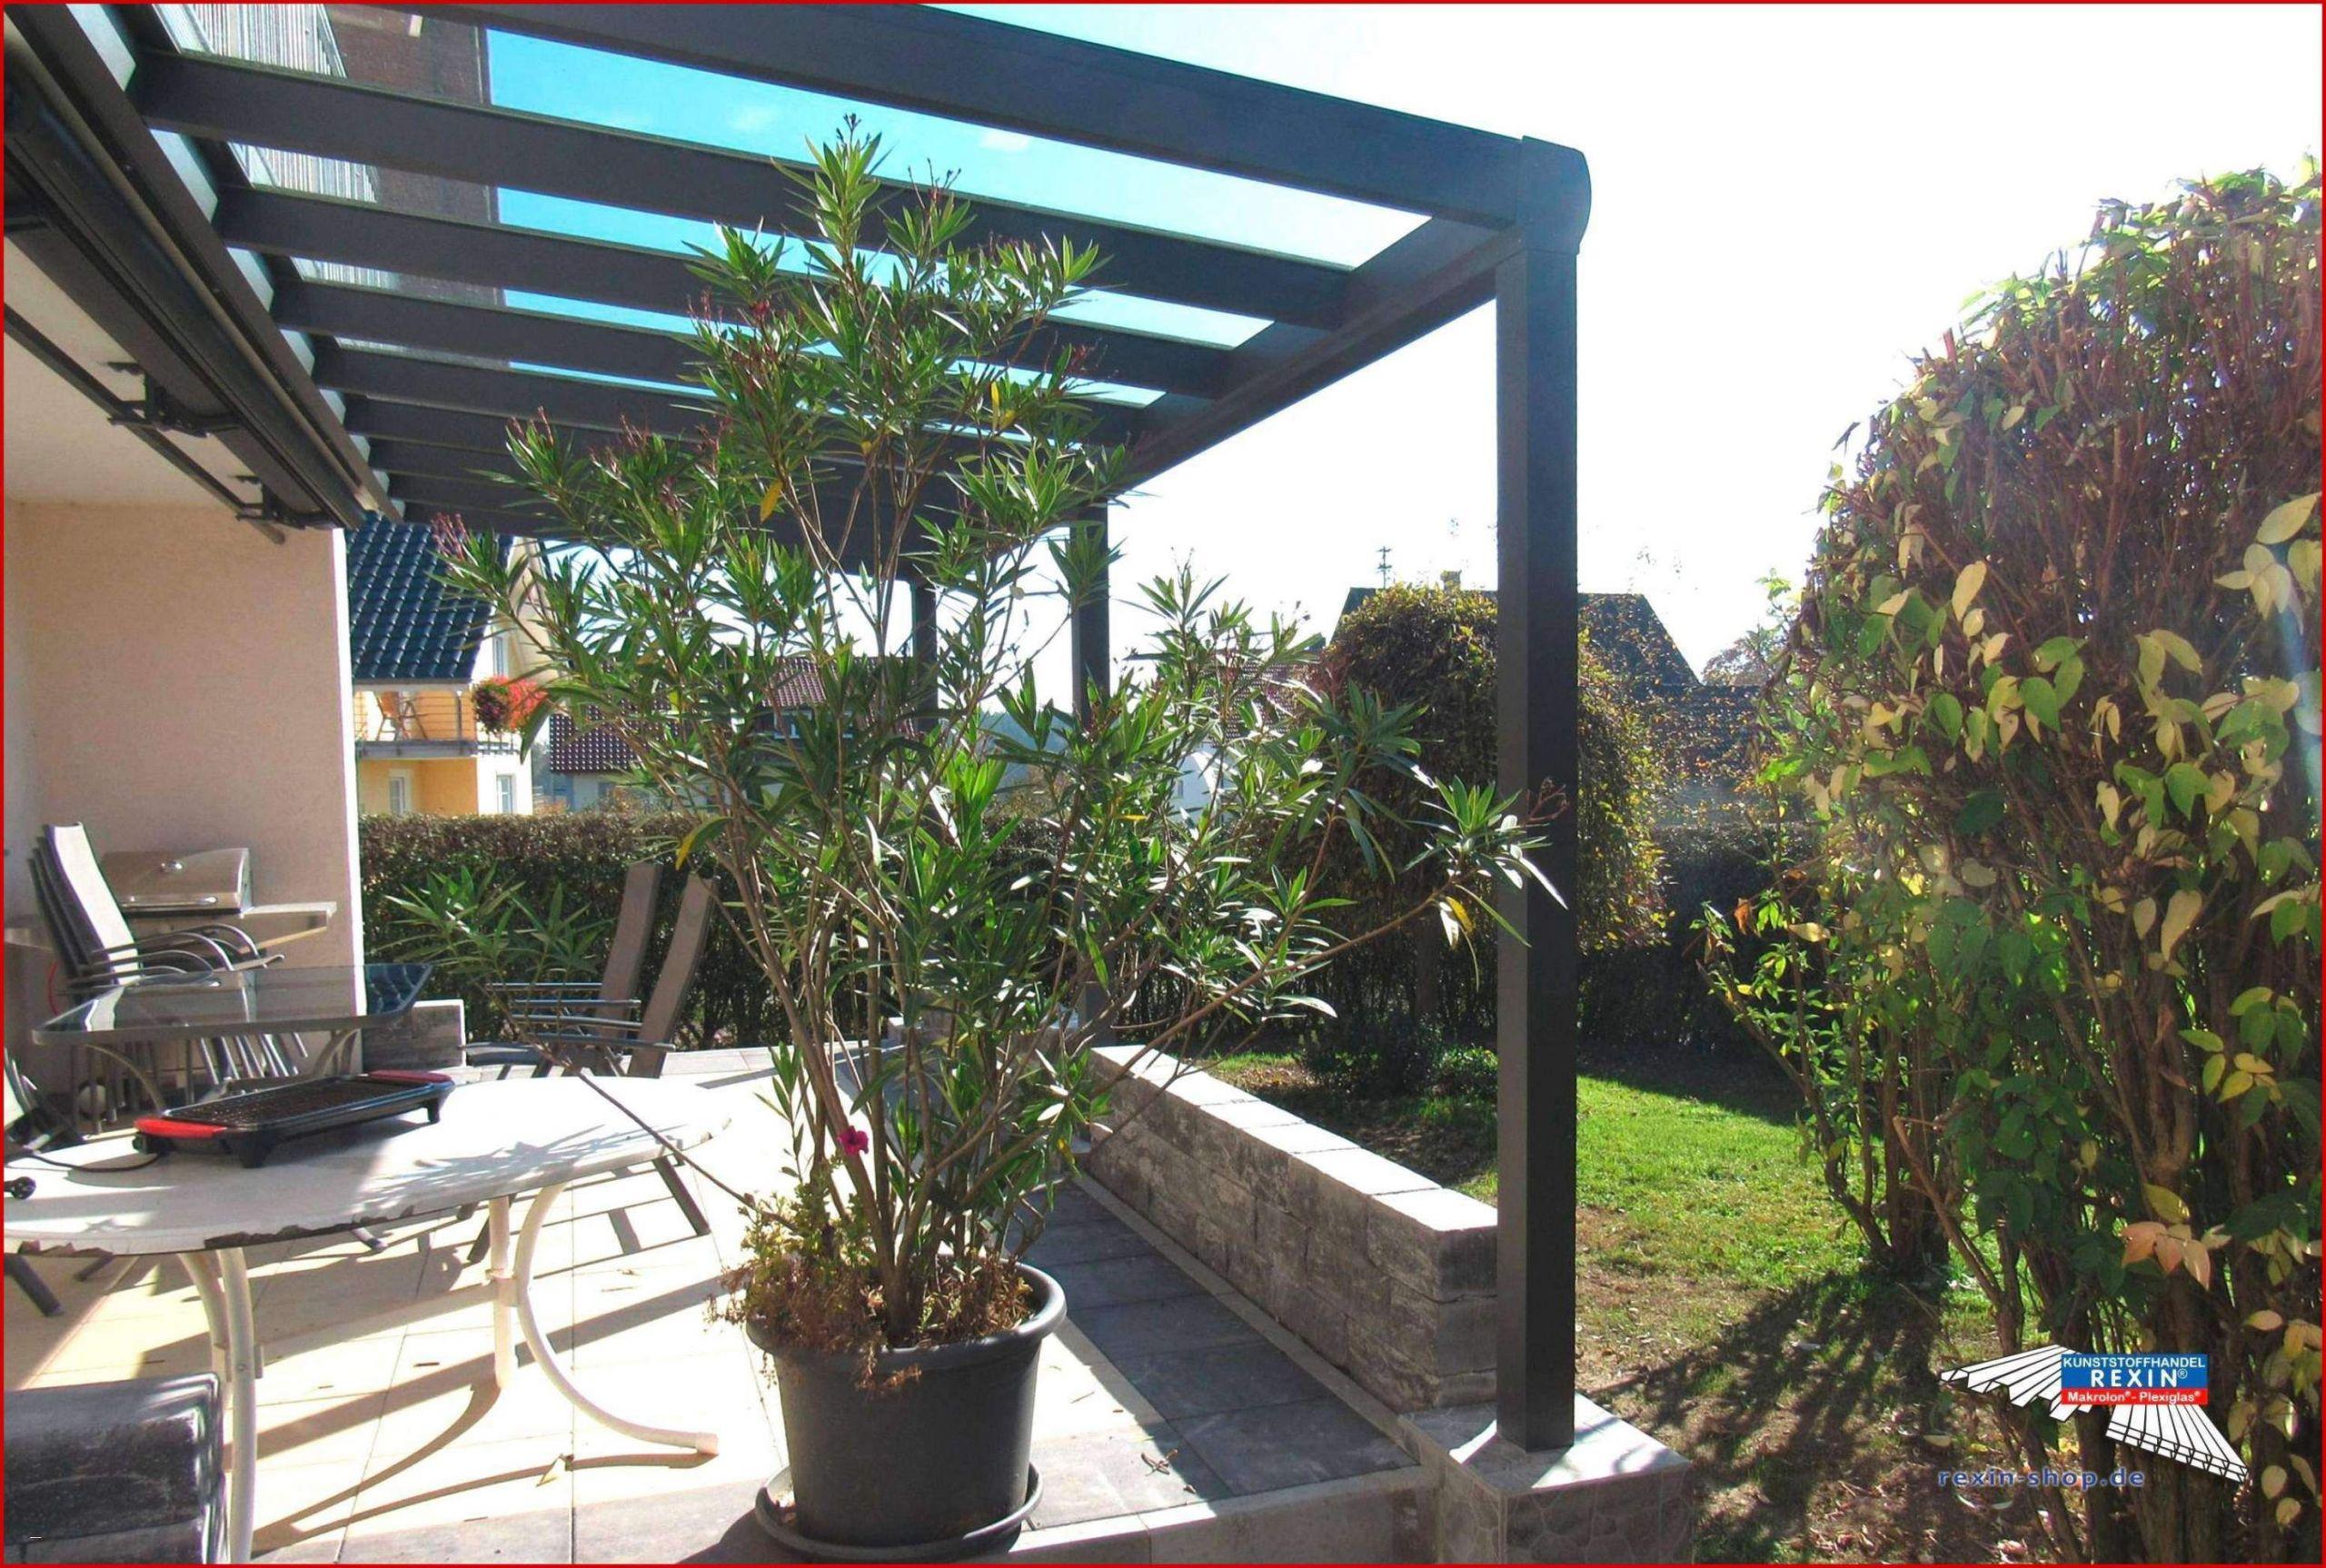 42 frisch pflanzen sichtschutz terrasse kubel bild pflanzen als sichtschutz im kubel pflanzen als sichtschutz im kubel